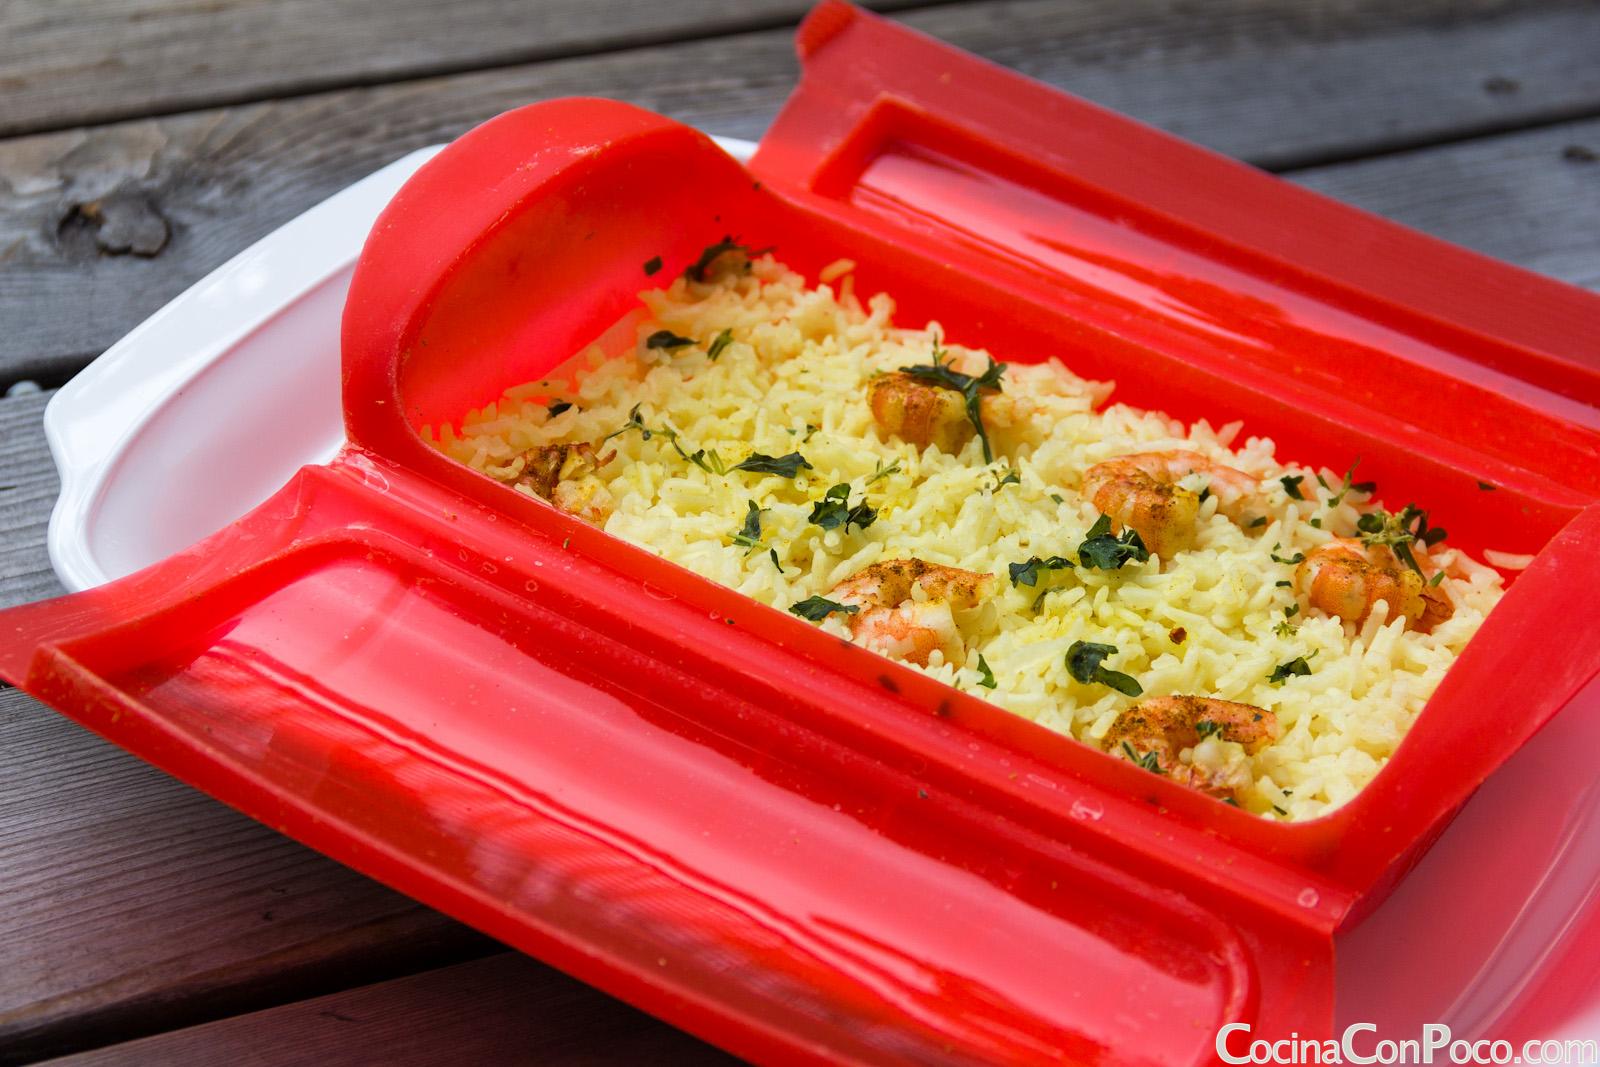 ¿Mola Lekue? Lekue-vaporera-receta-vapor-arroz-gambas-curry-CocinaConPoco.com-105